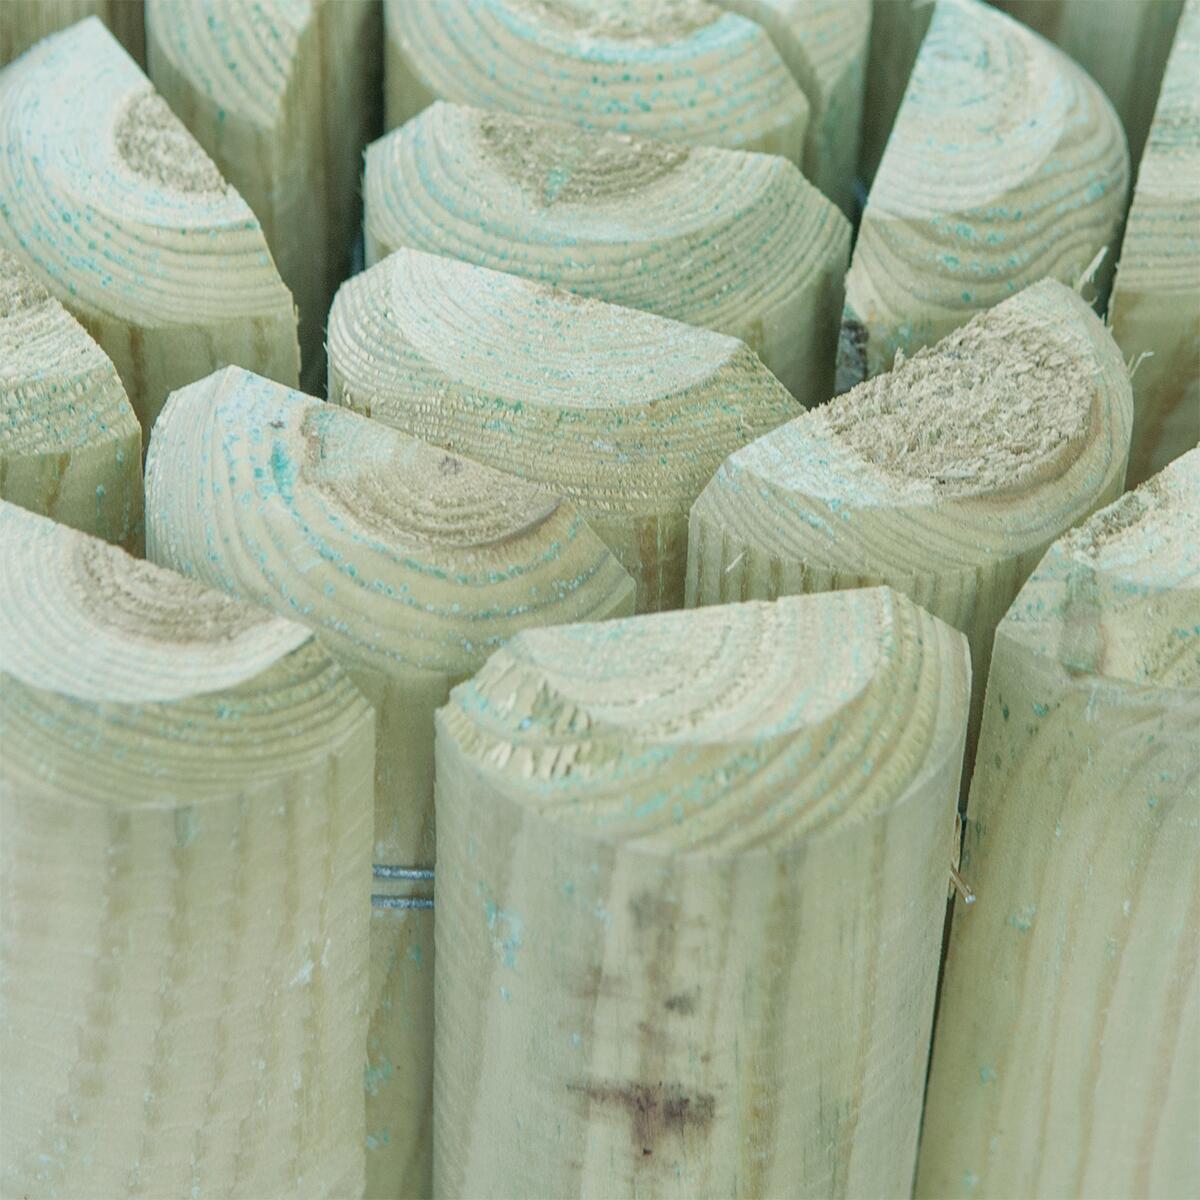 Bordura in rotolo in legno L 196 x H 30 cm Sp 3.5 cm - 2